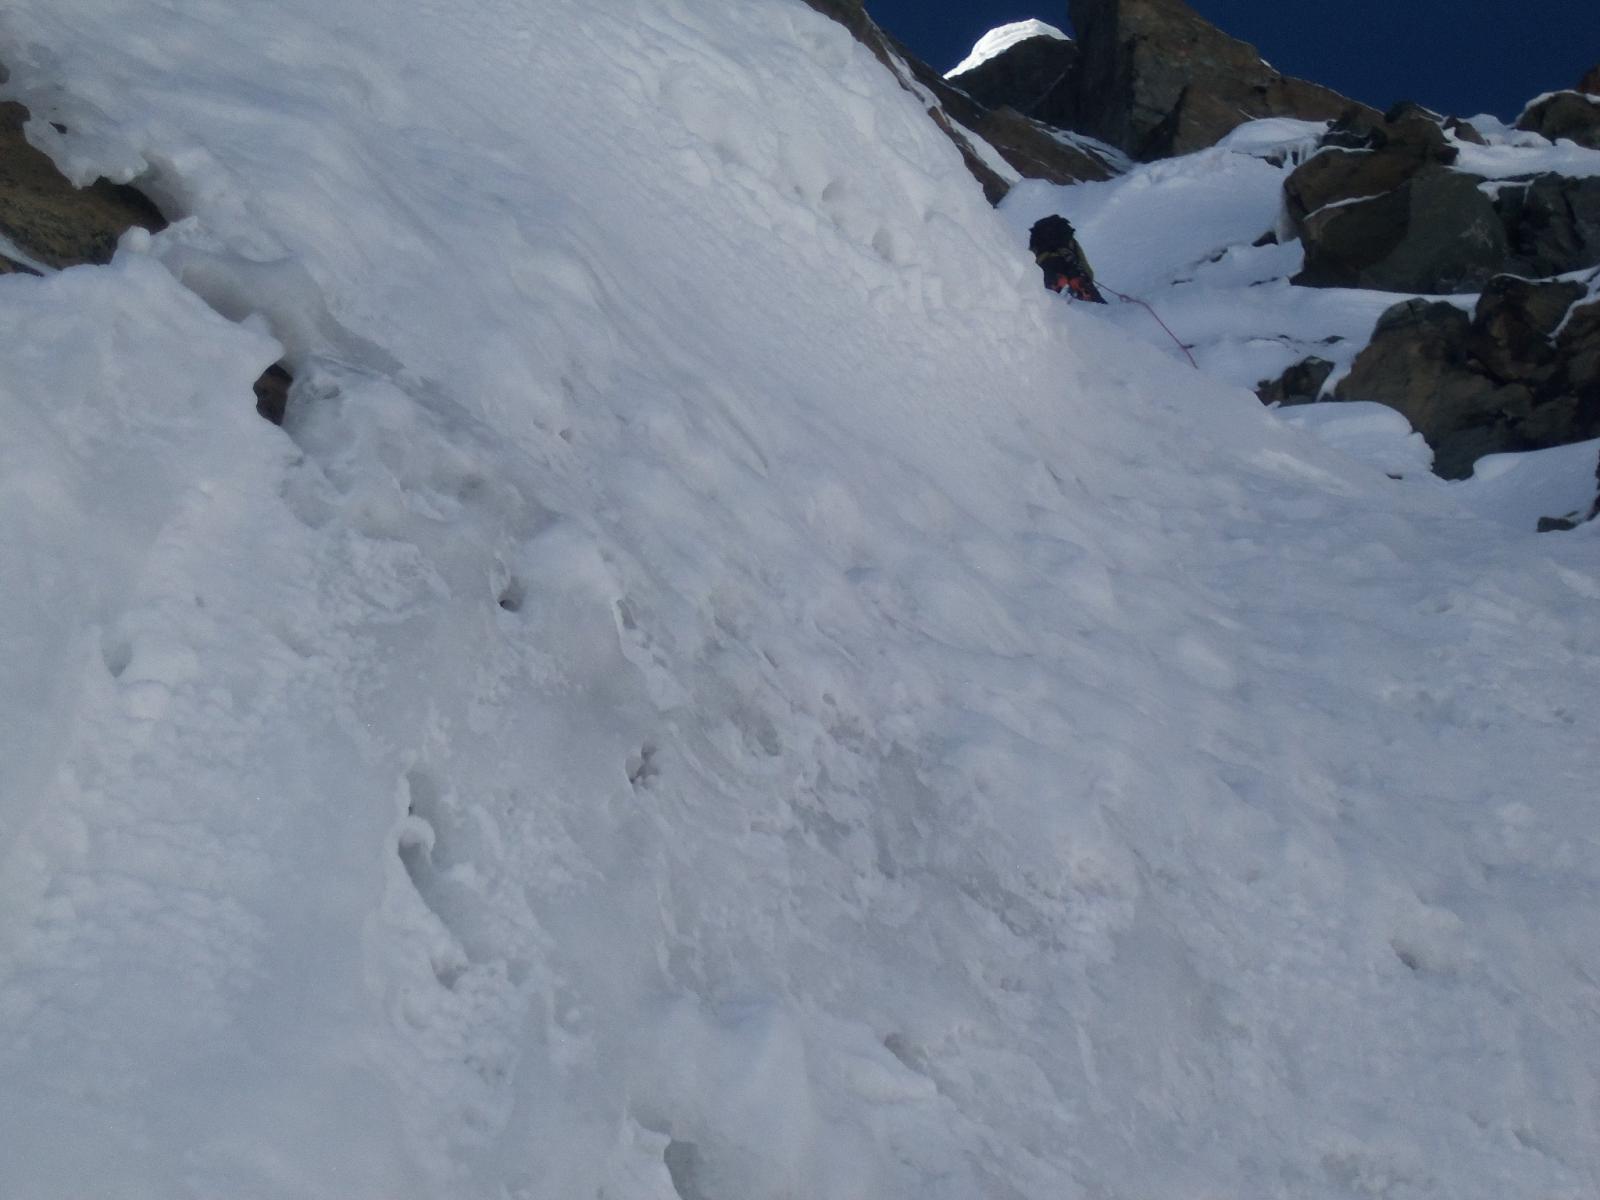 primo tiro, qui  con neve un po' inconsistente